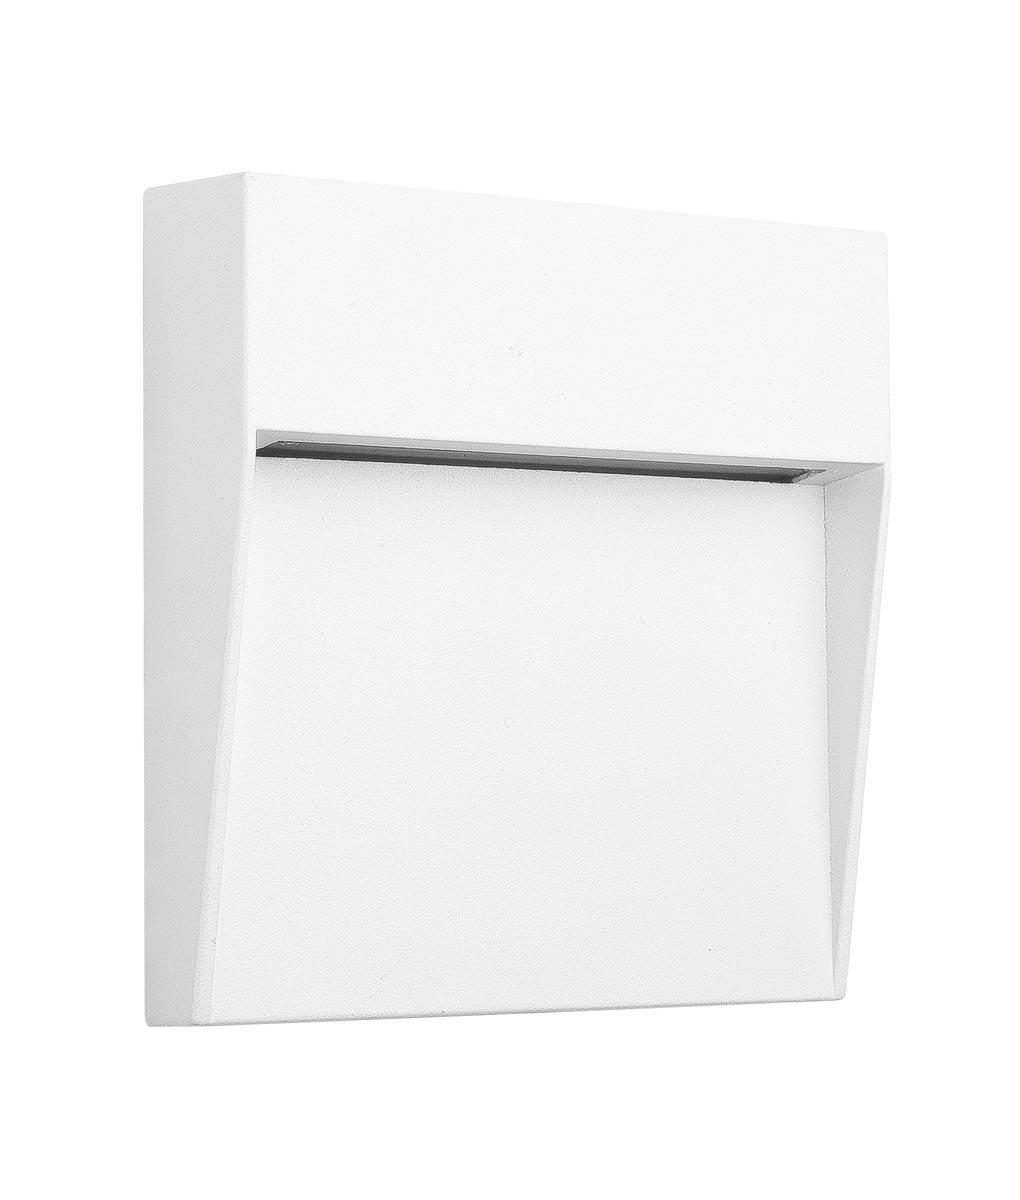 Señalizador superficie blanco 16 cm BAKER